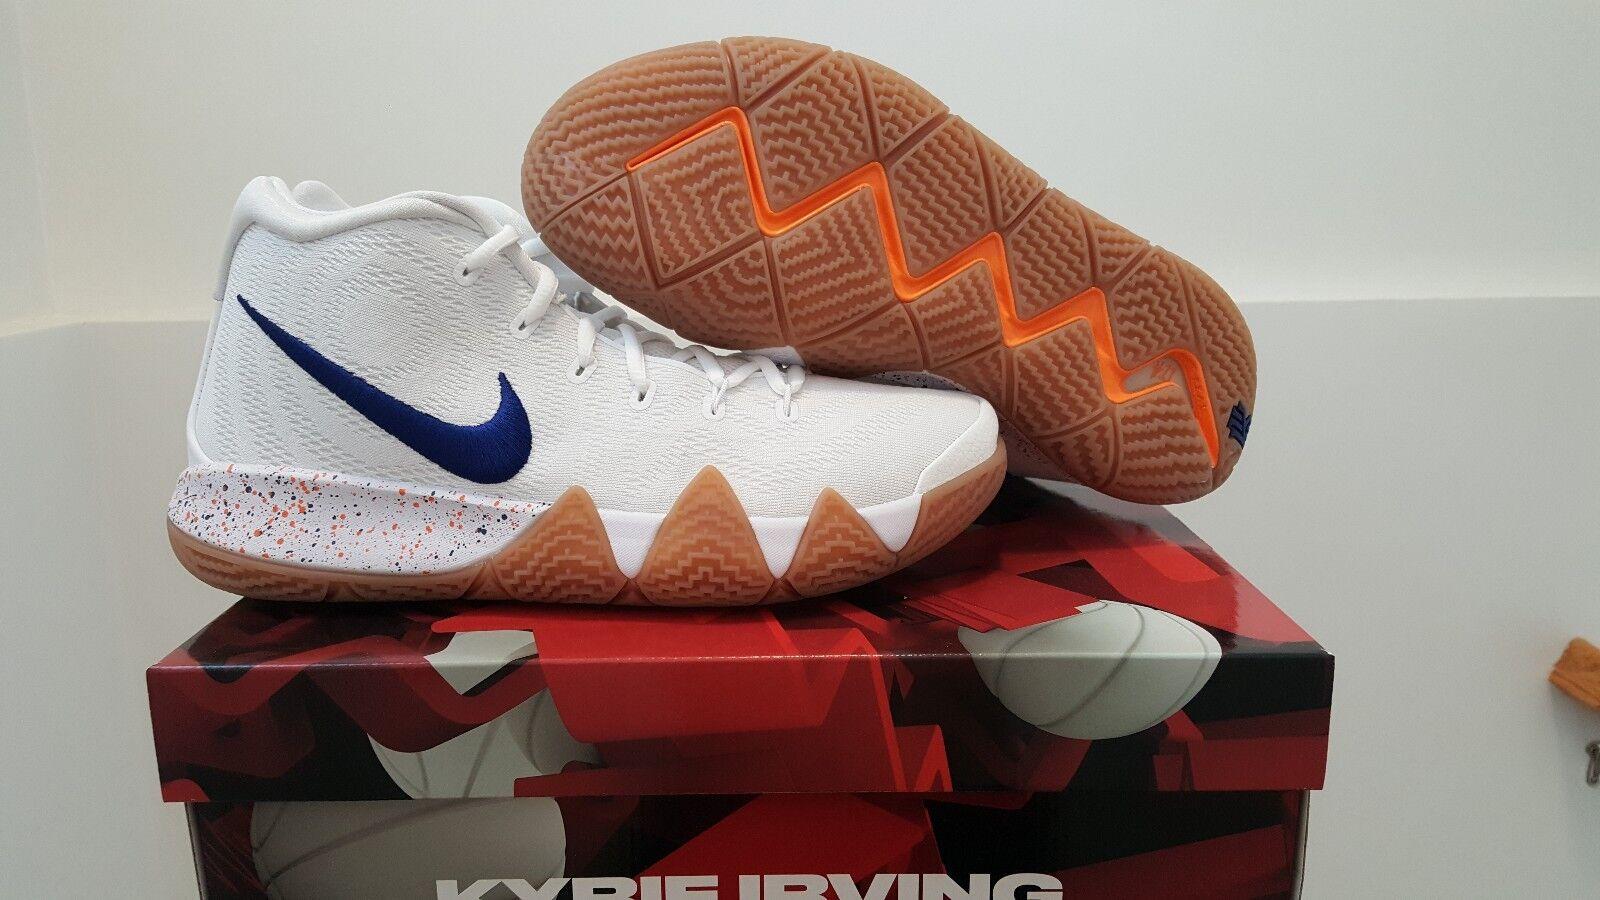 Nike kyrie 4 zio drew uomo numero 9, di nuovo con scatola bianca, profondo royal, gomma